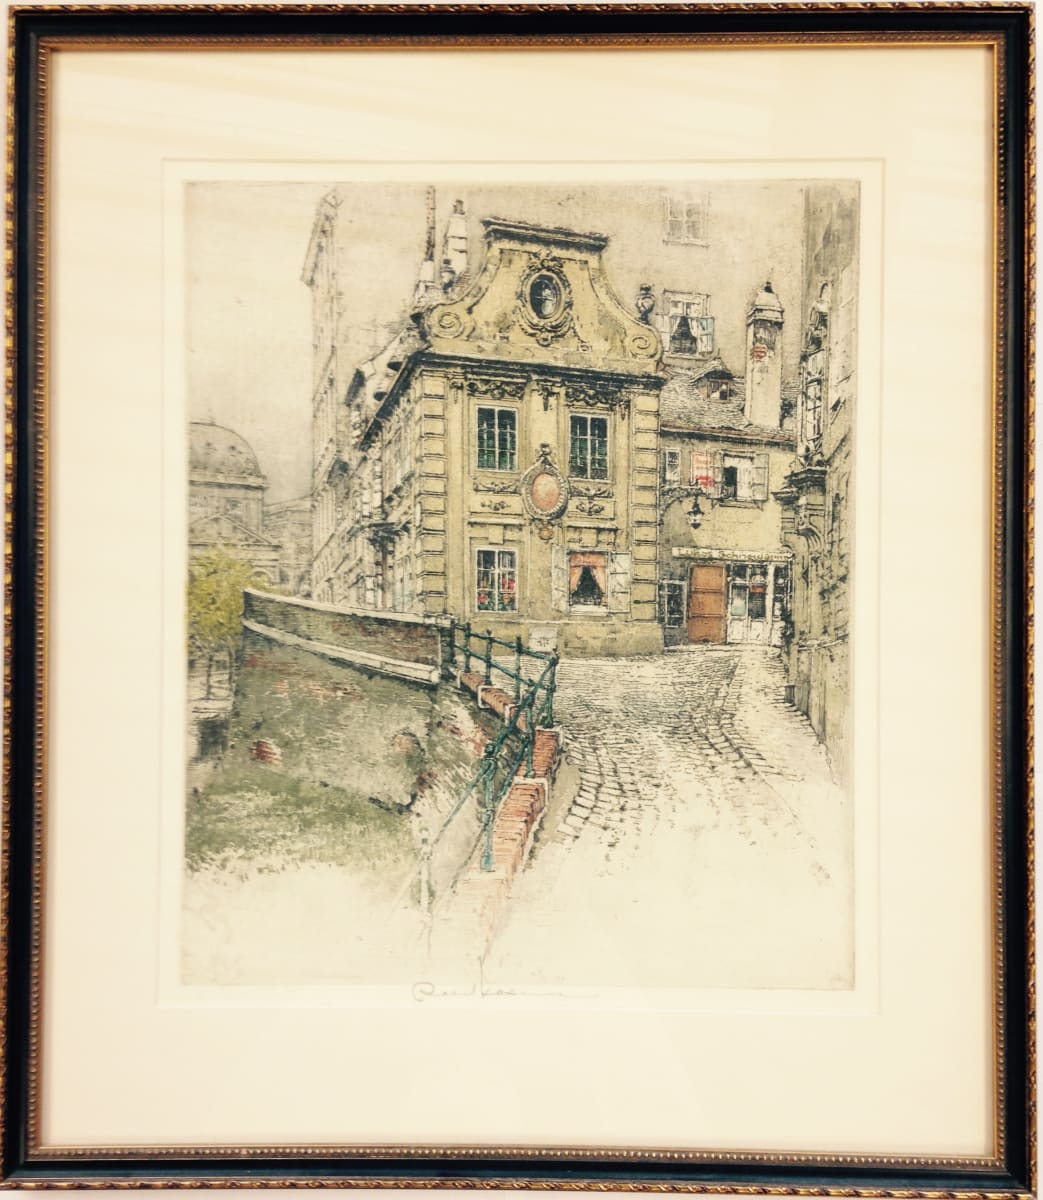 2448 - Antique Buildings by Robert Kasimir (1914-2002)